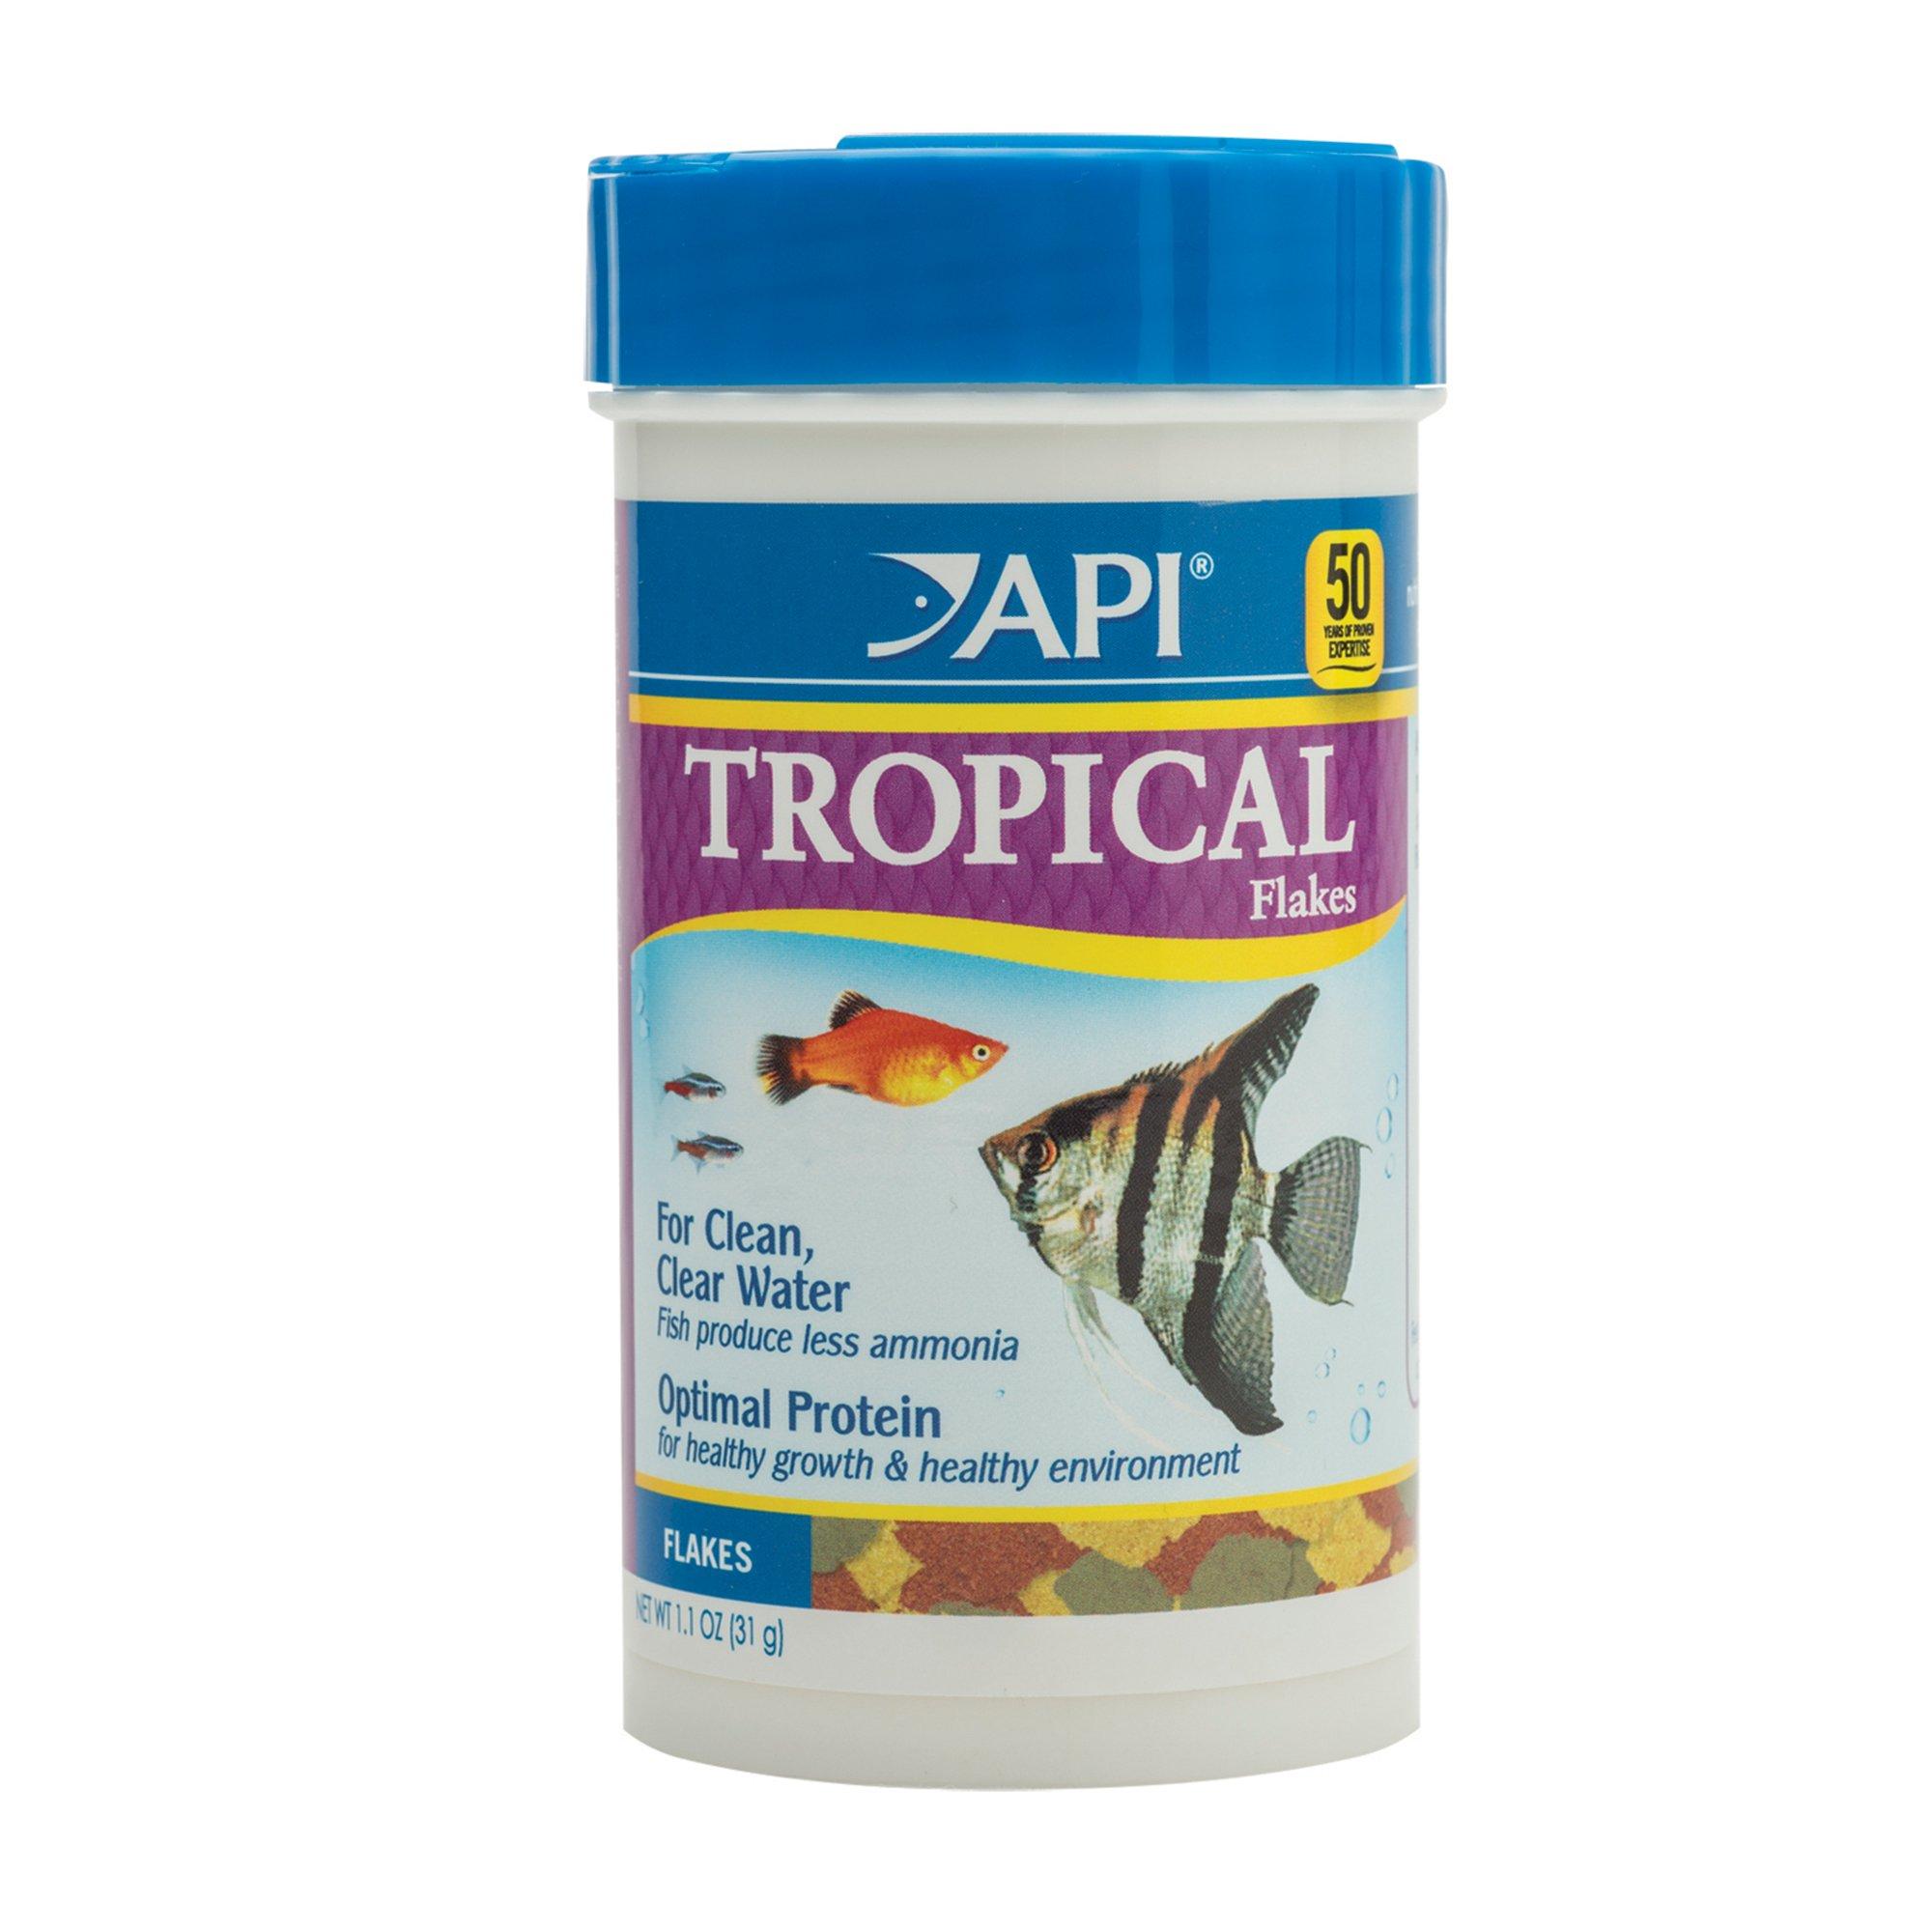 Api tropical flakes fish food petco for Petco fish food